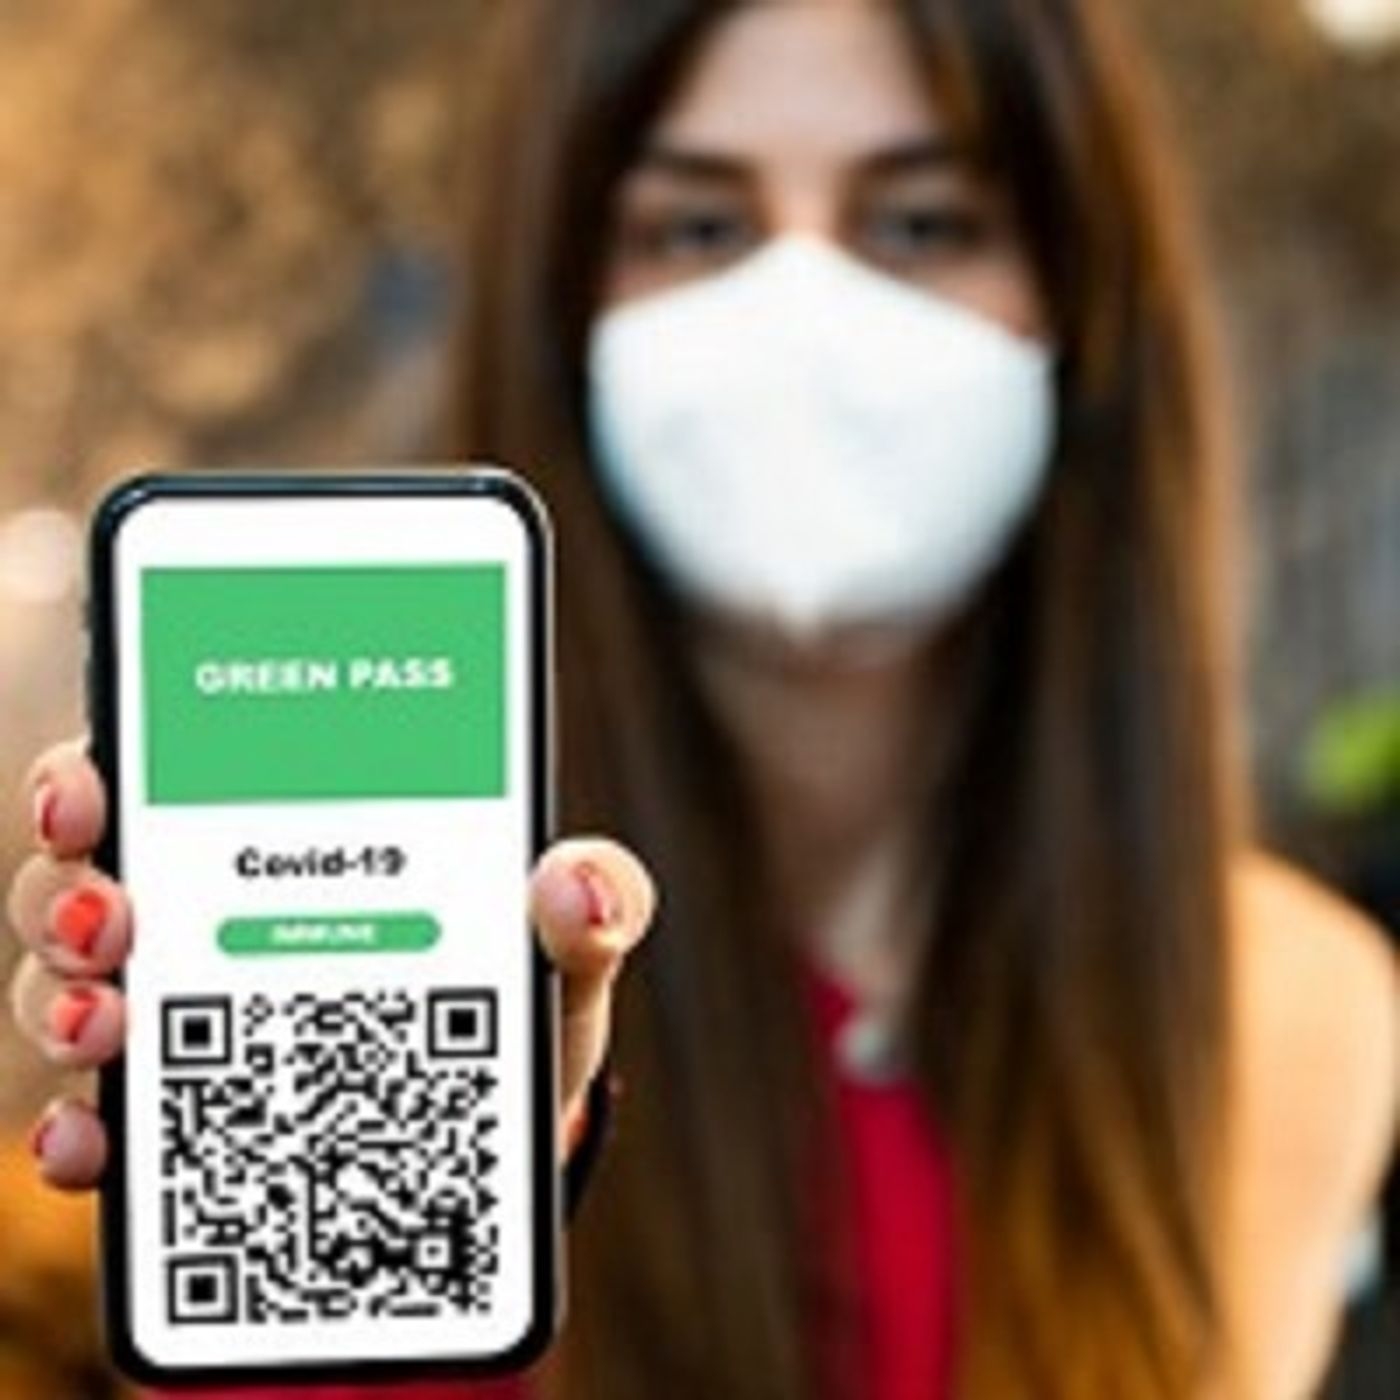 Il green pass è uno strumento di controllo